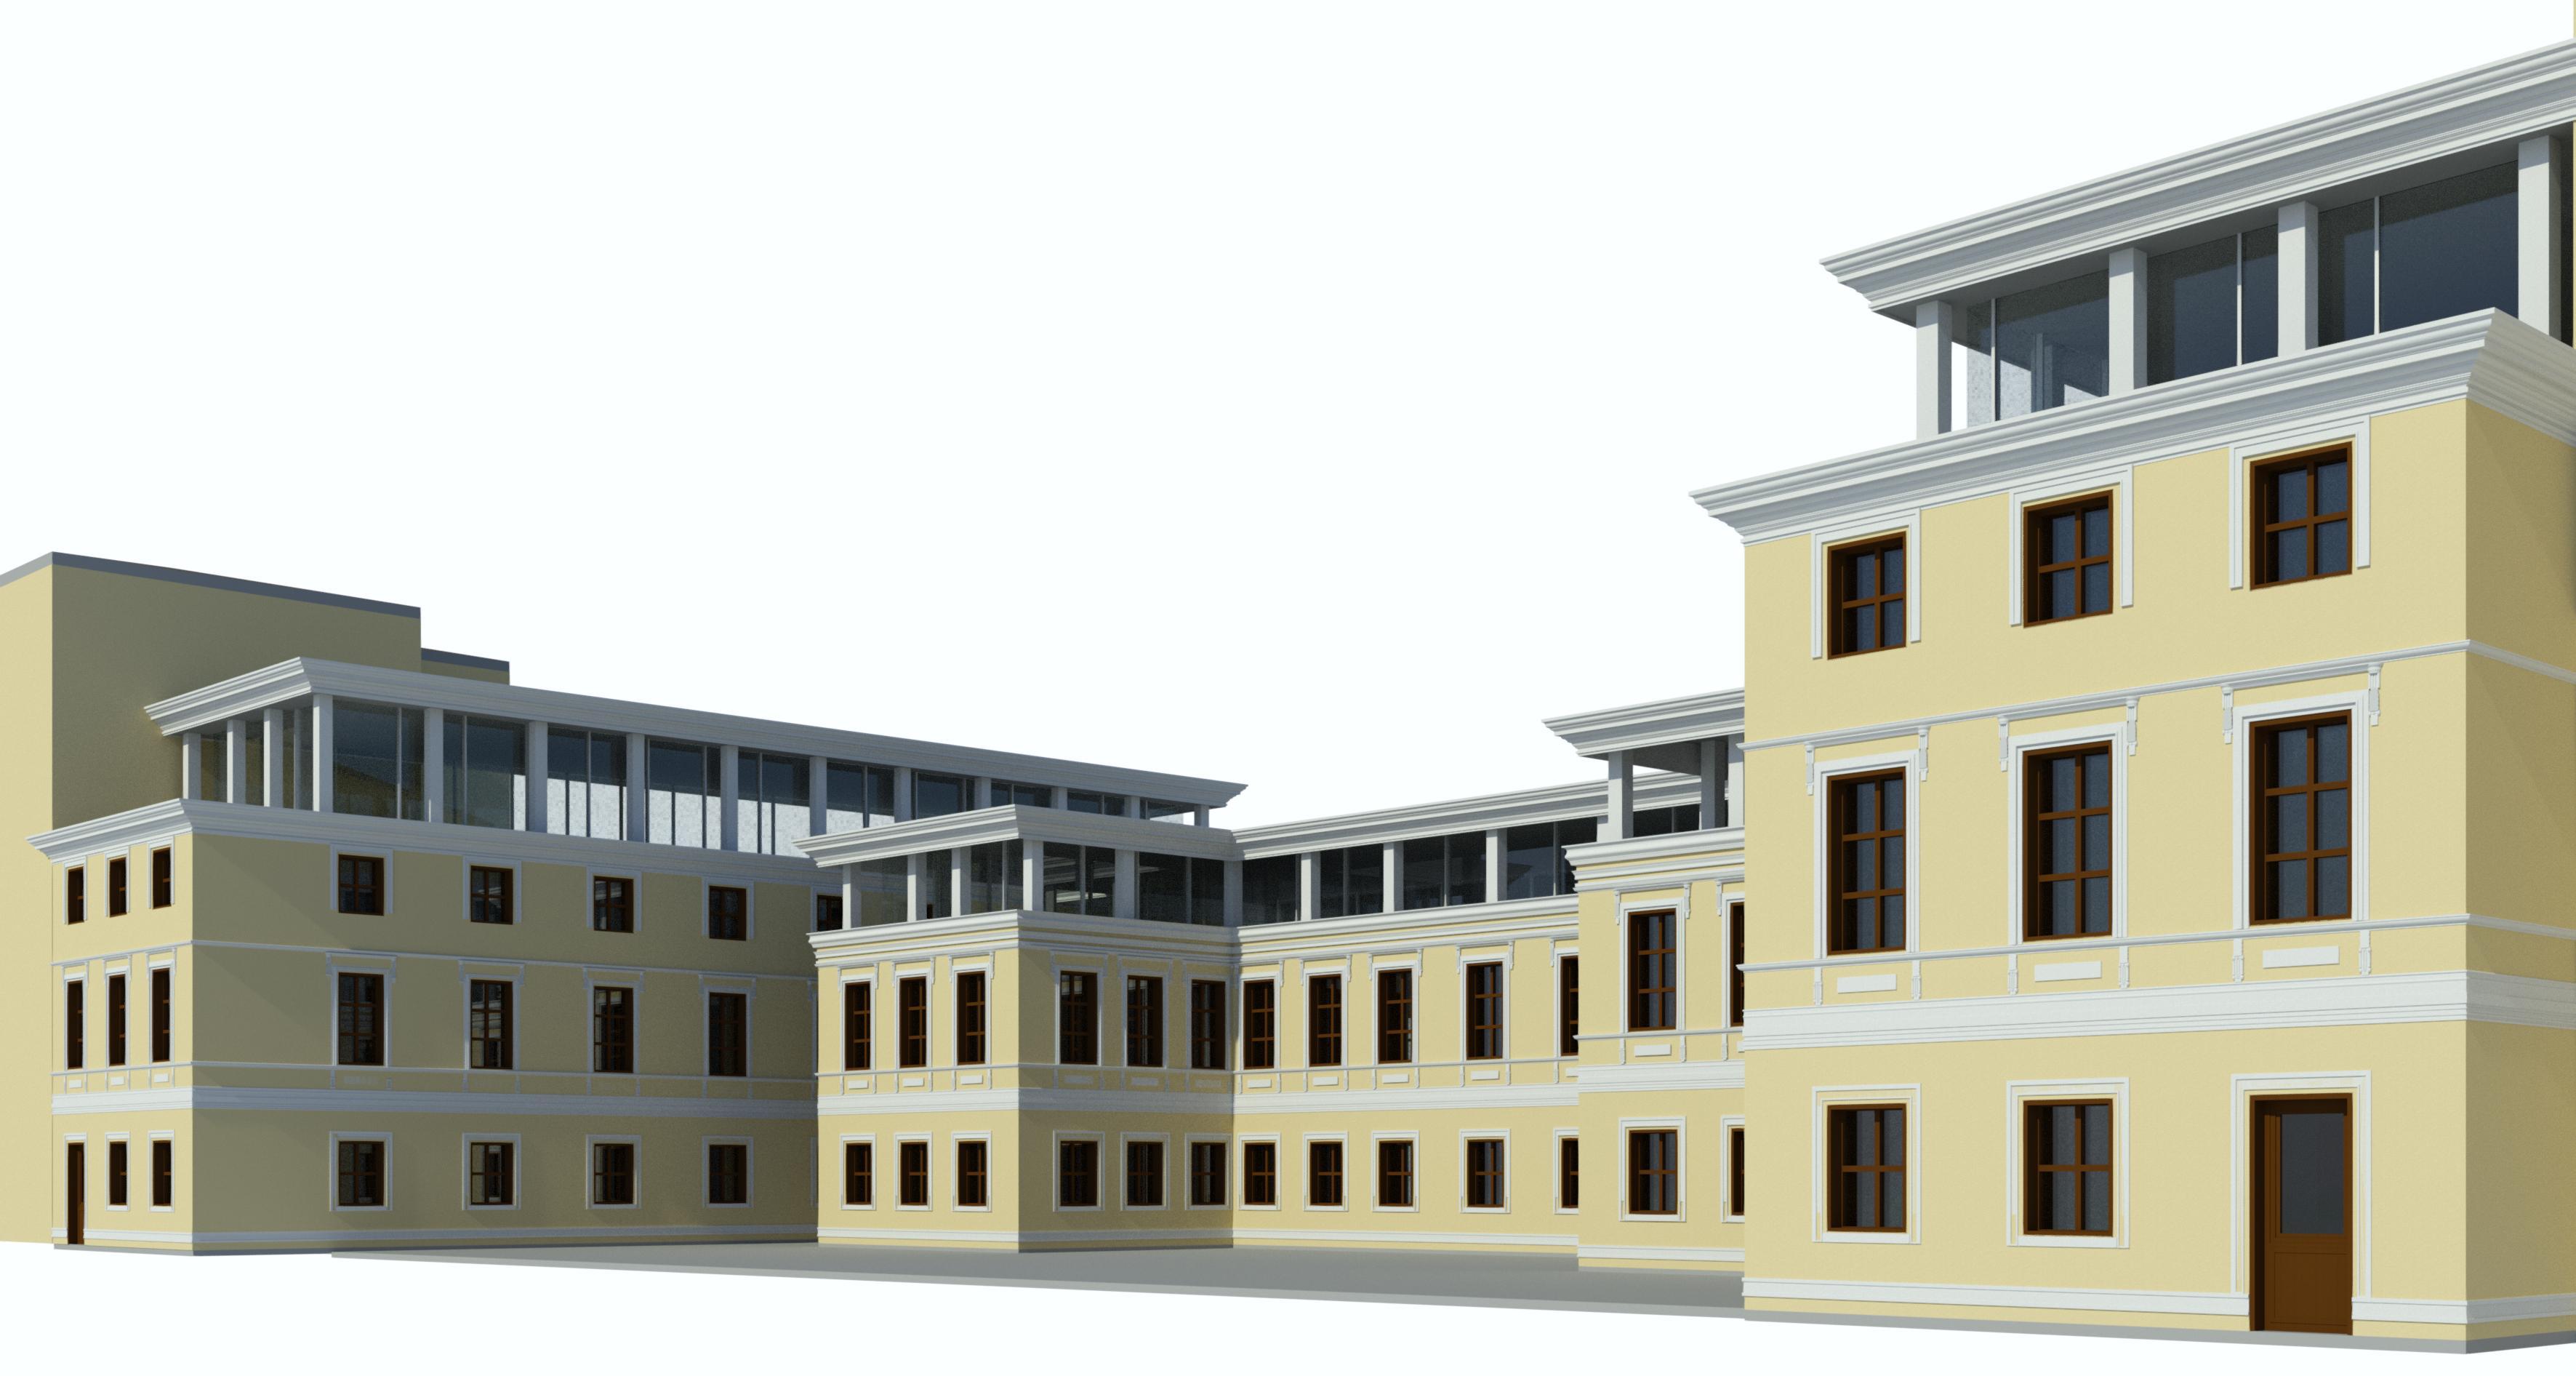 Концепция достройки фасада исторического здания фото f_6945c0a1cc2b9bc9.jpg